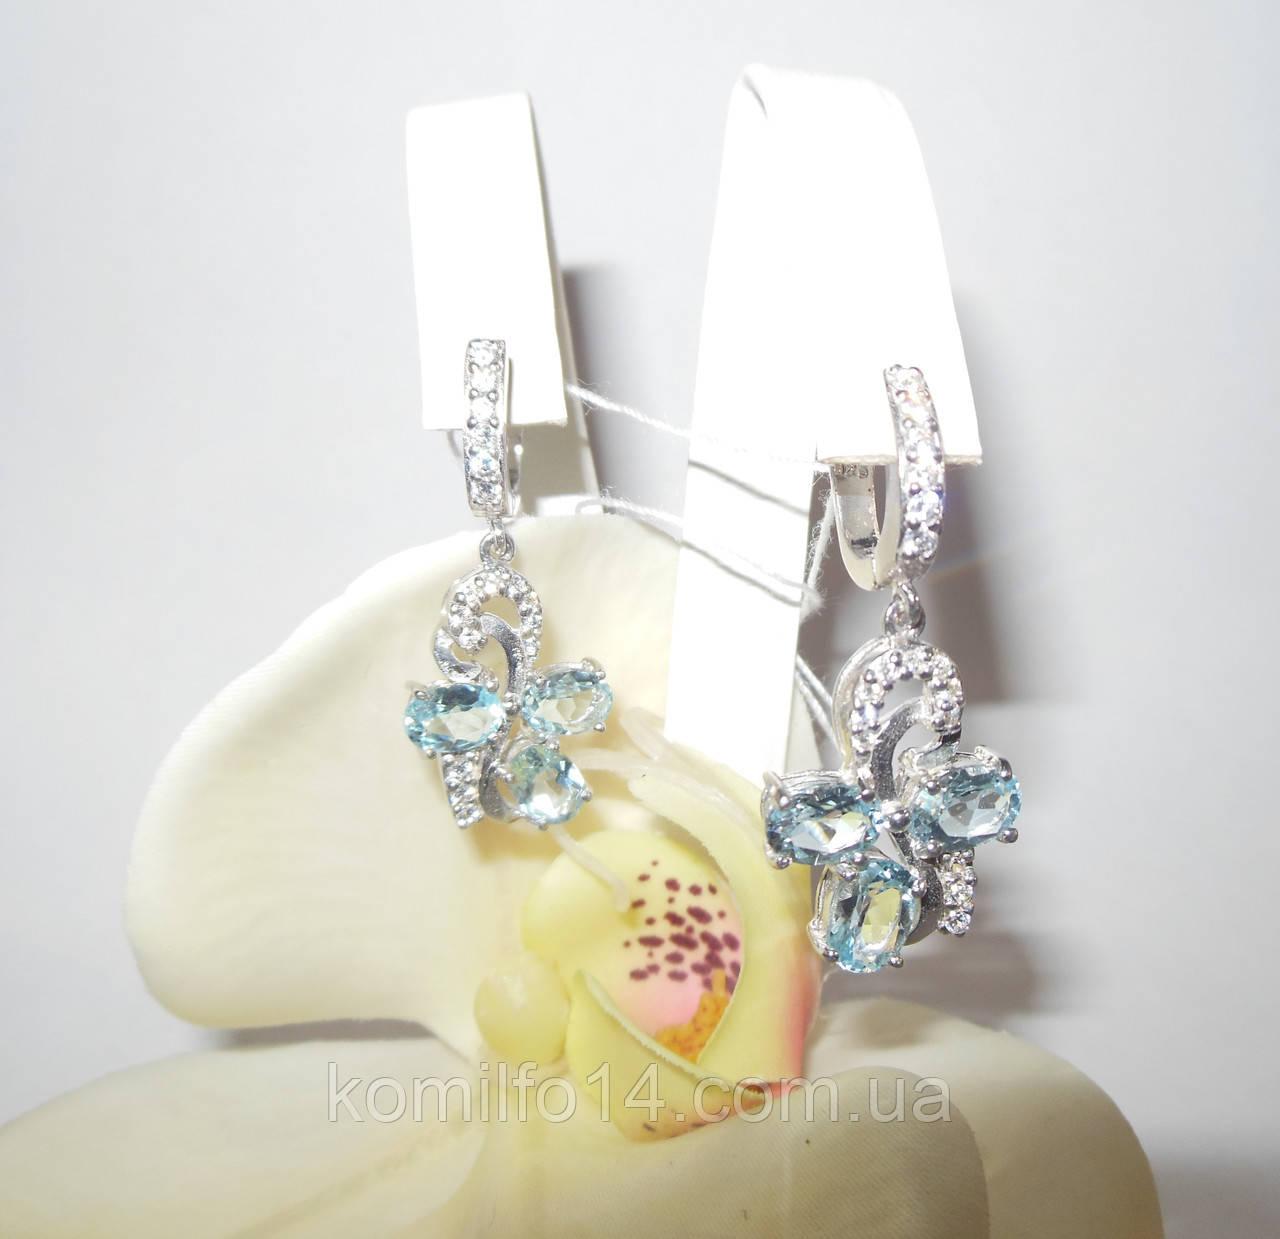 Срібні сережки з натуральним топазом